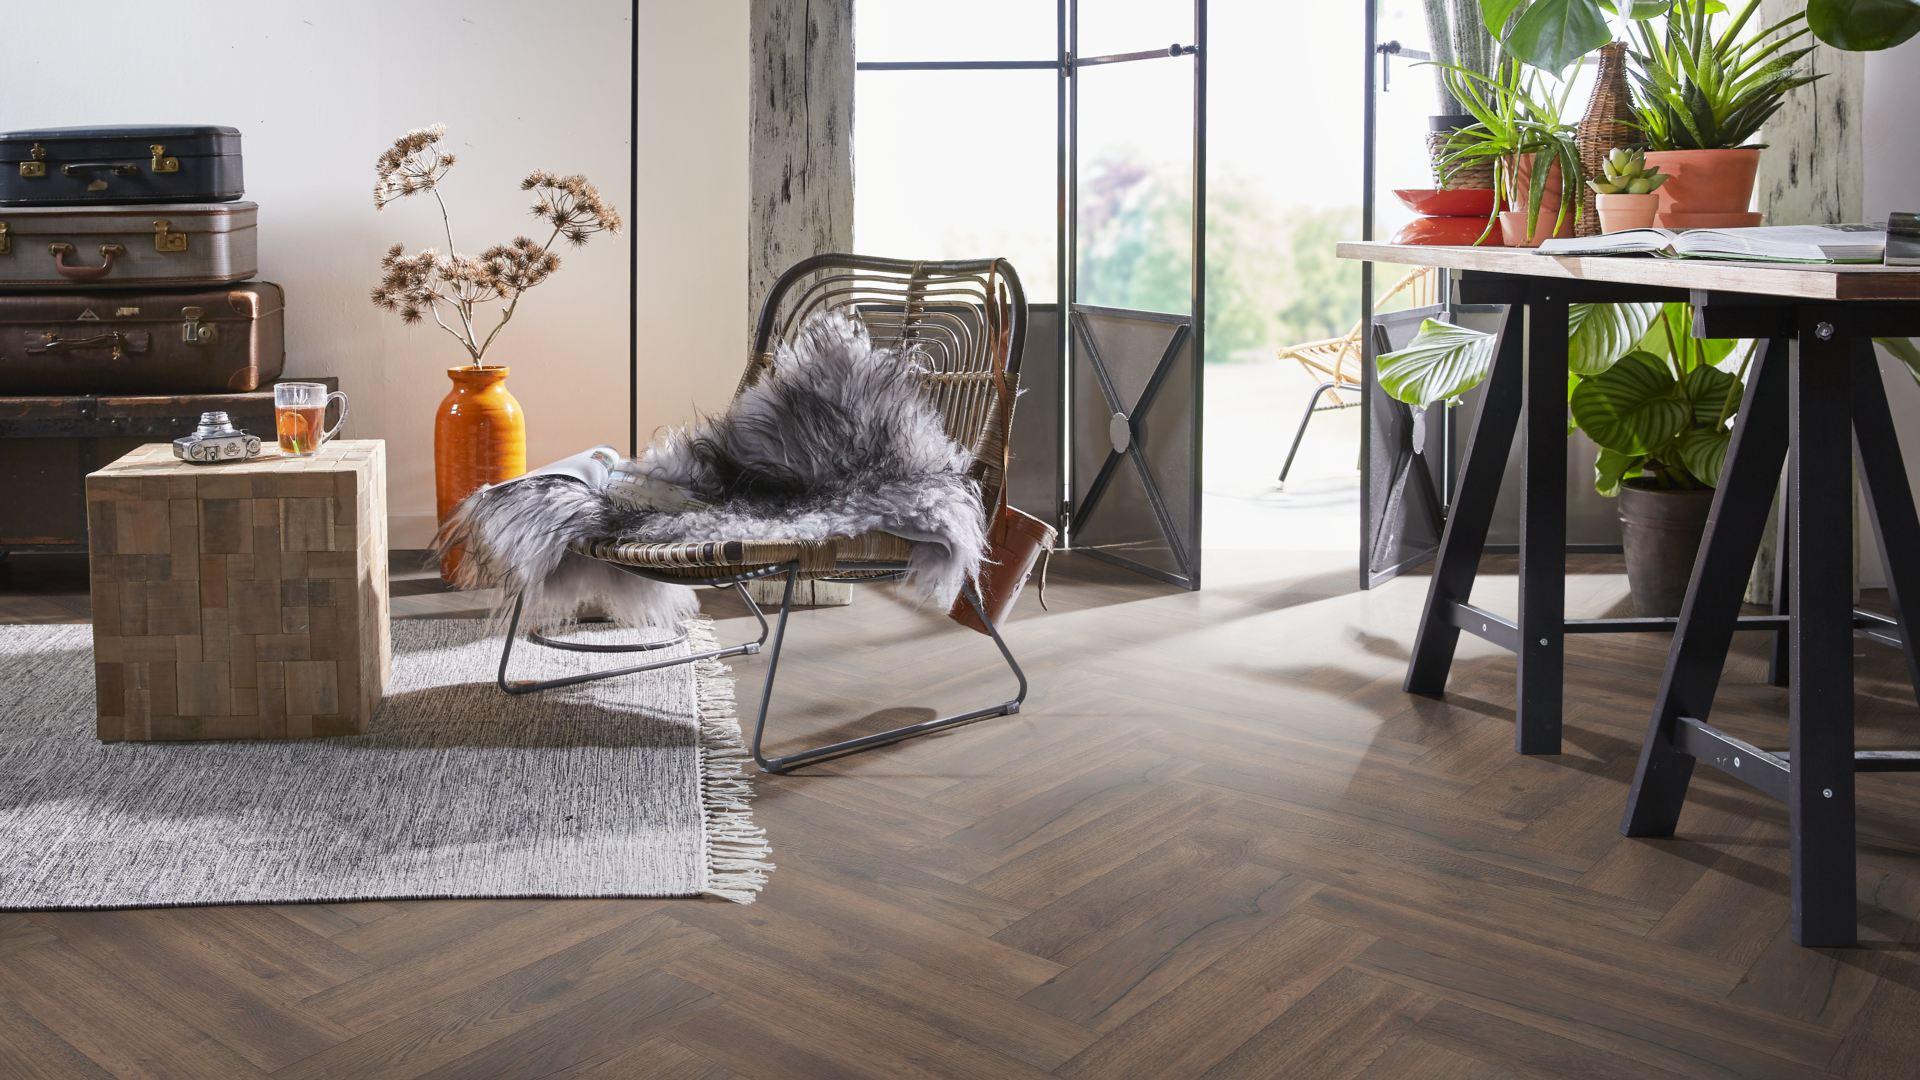 Twenterand Flooring 7881 Gewit Visgraat Laminaat Com Altijd De Laagste Prijsgarantie